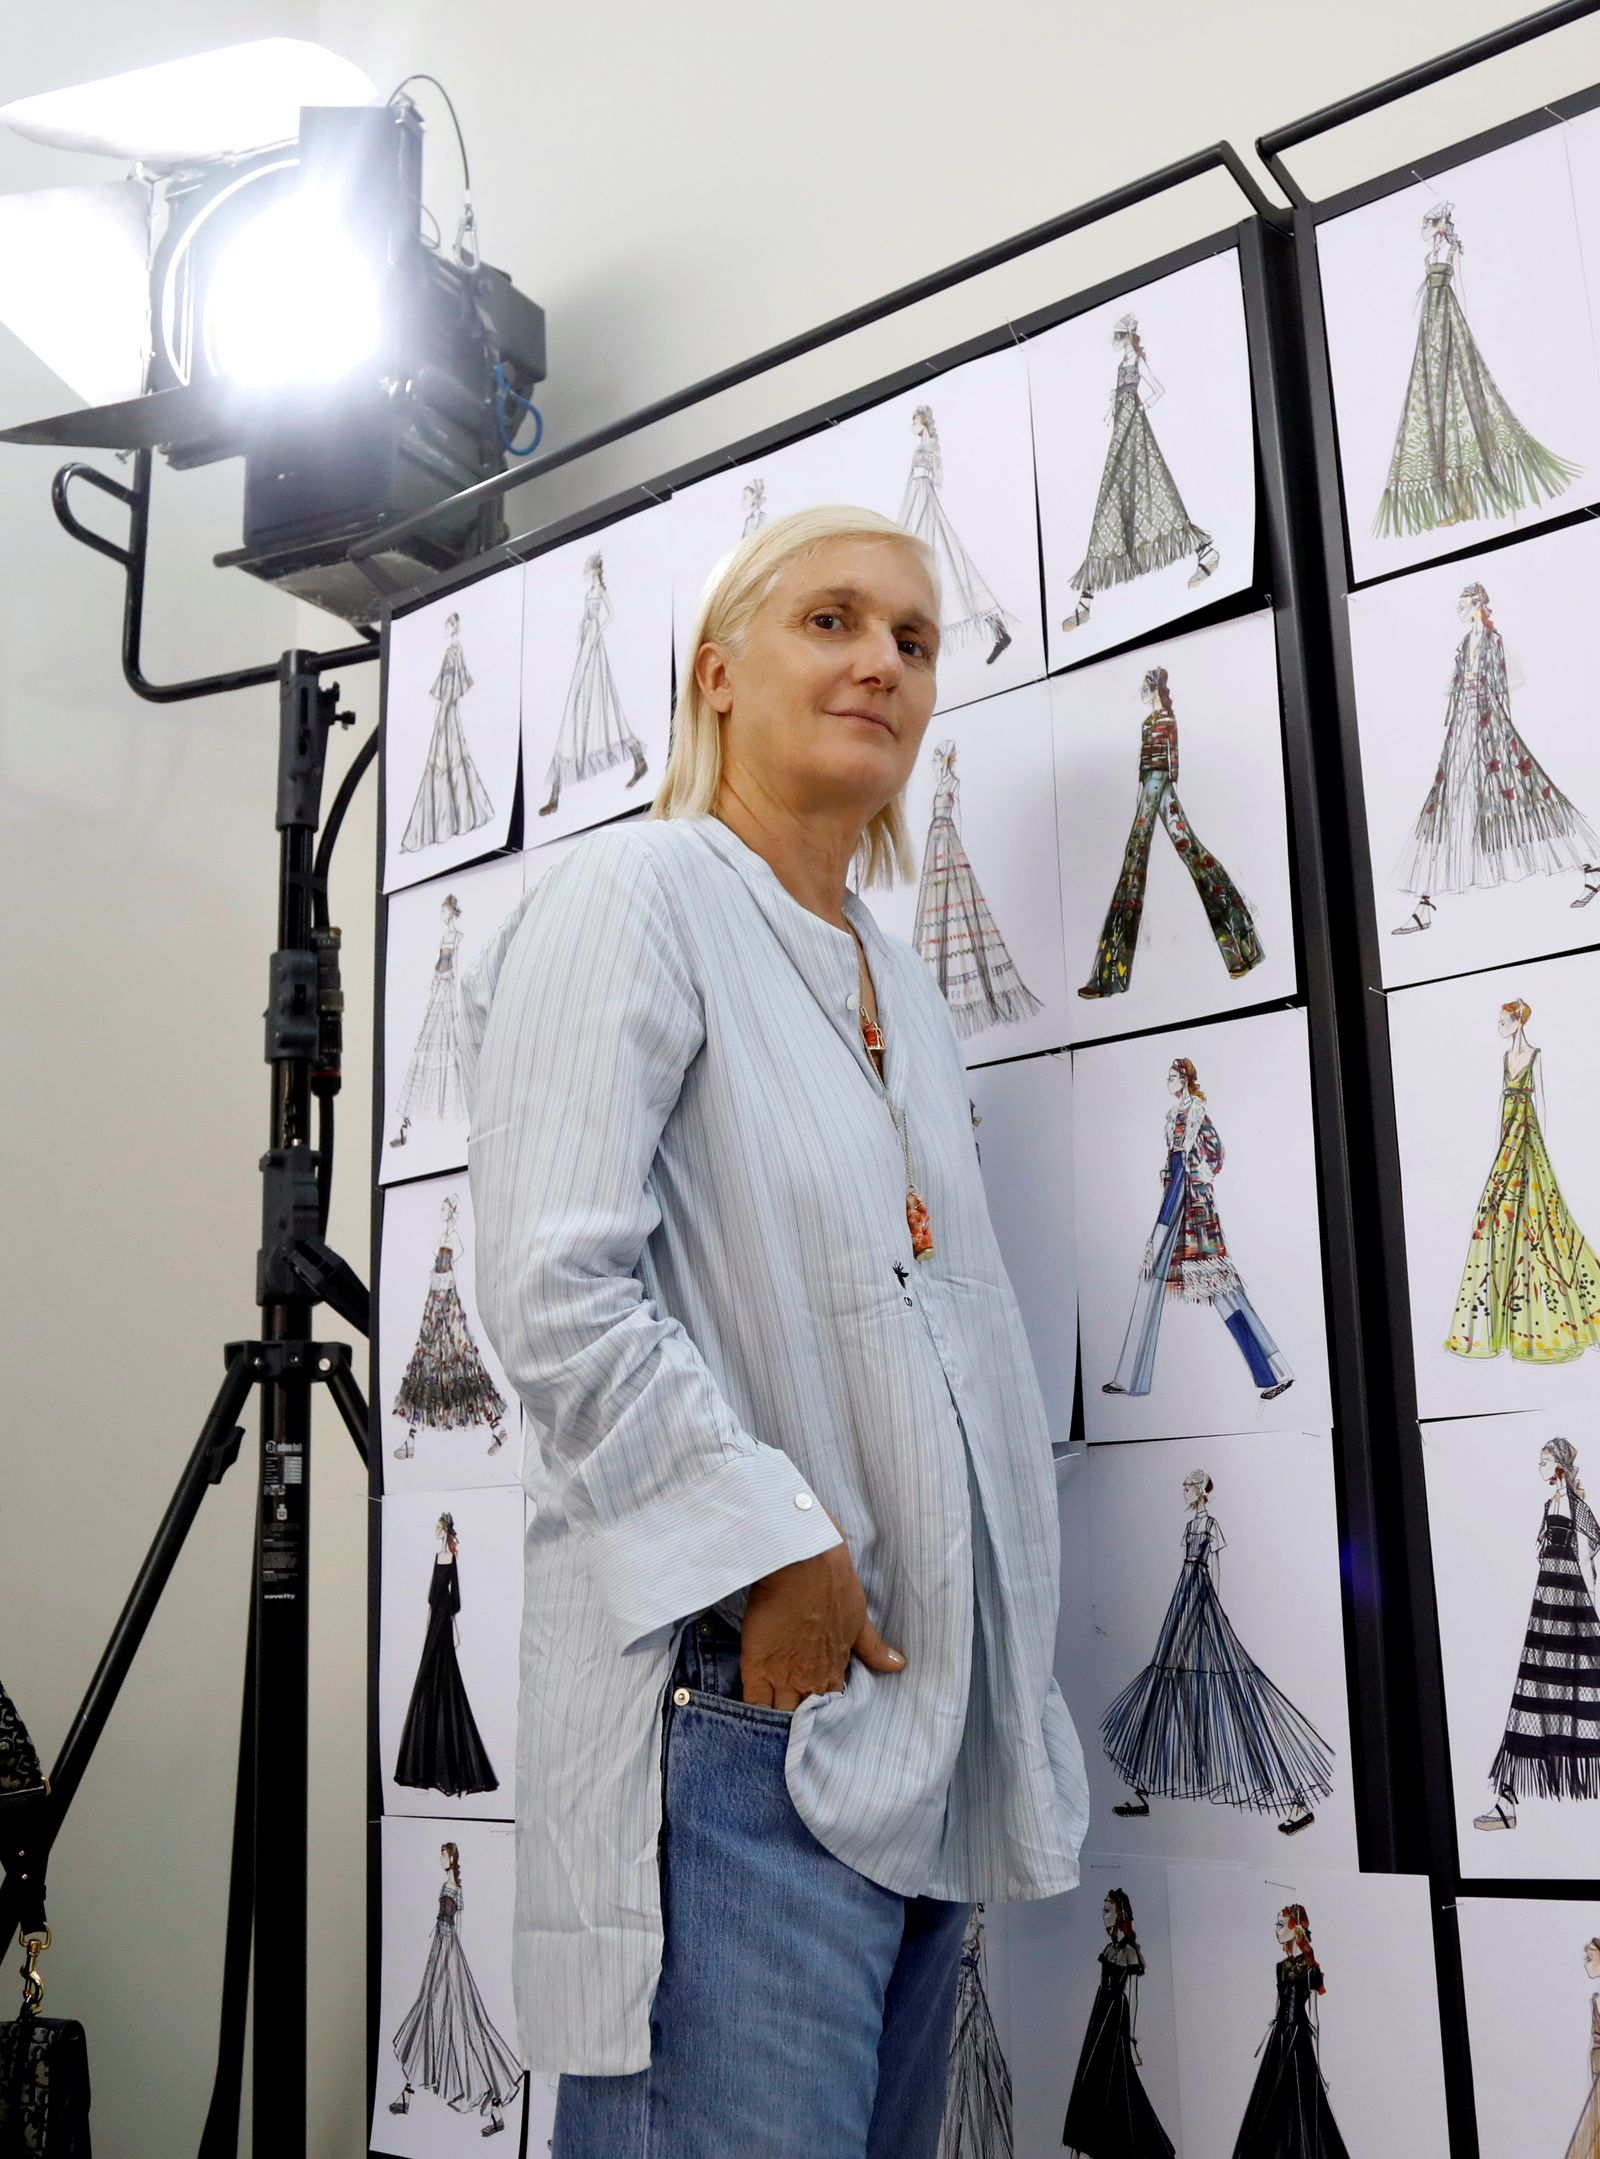 Designer Maria Grazia Chiuri poses ahead of Dior's 2021 Cruise collection presentation in Paris